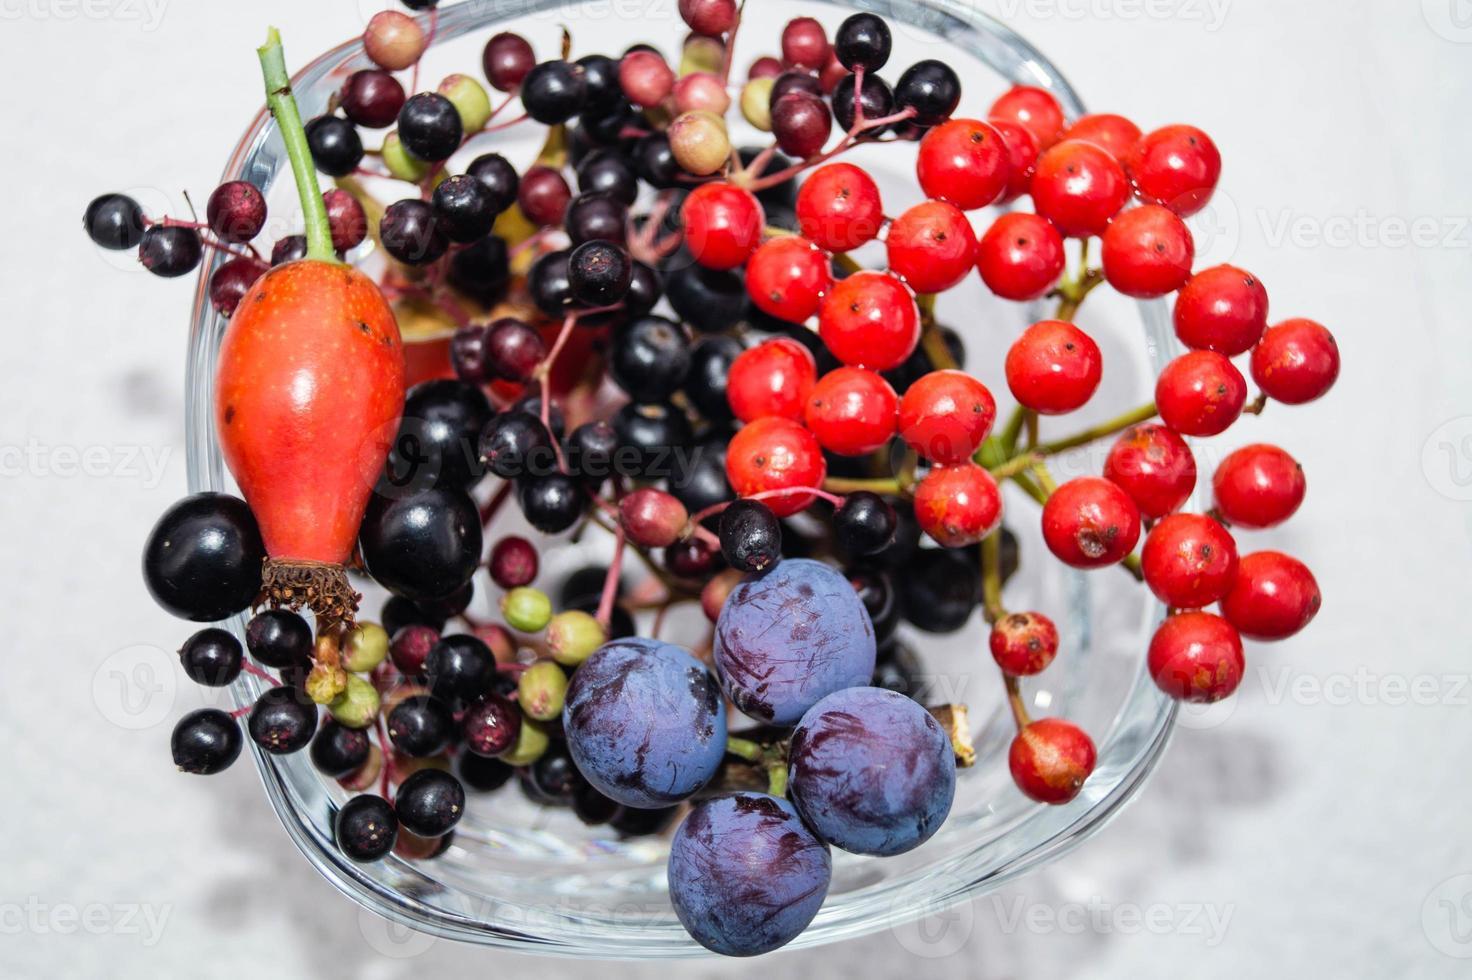 Alternativmedizin mit pharmazeutischen Kräutern Früchten und Beeren foto